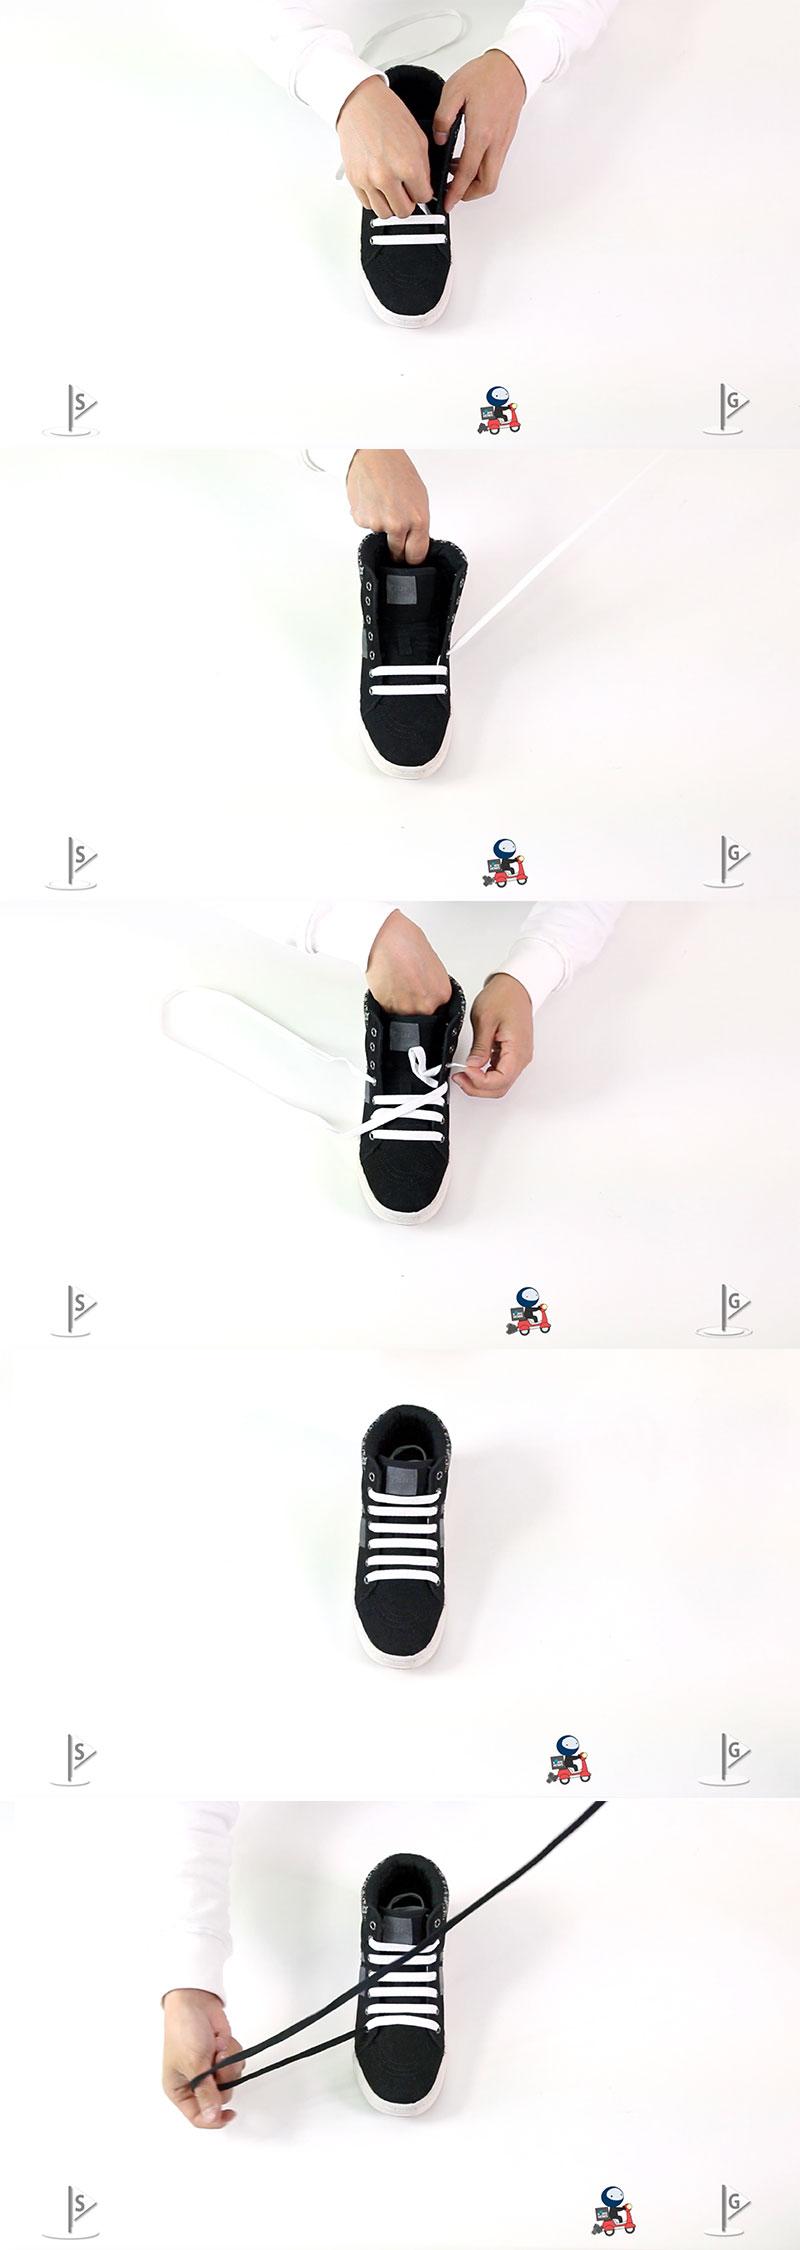 03 shoe laces 09